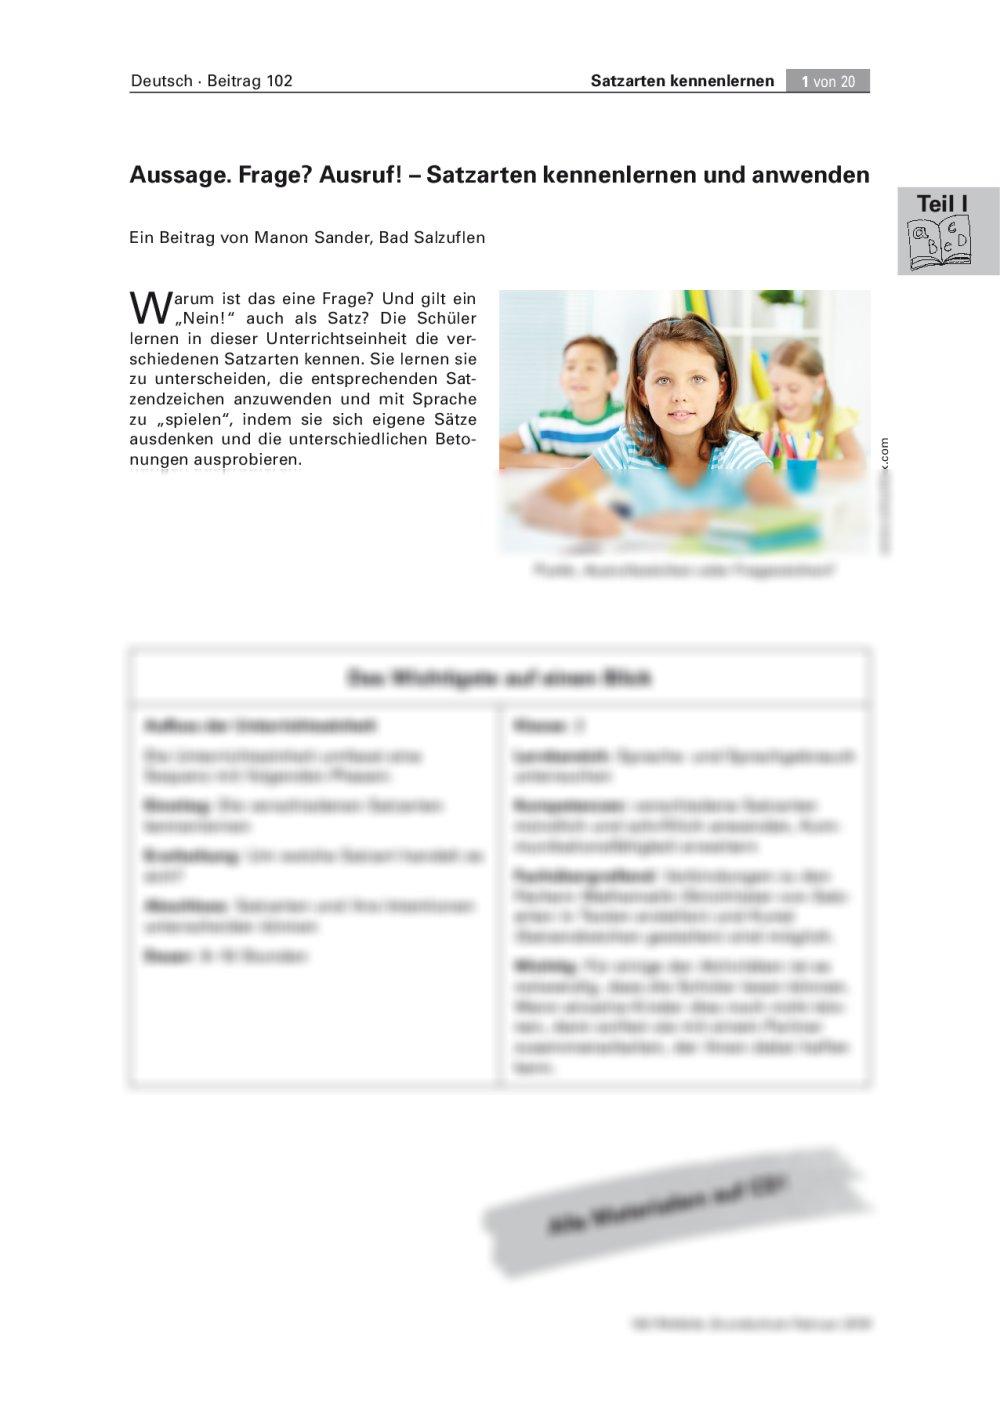 Beispiele   kennenlernen   Sätze, Verwendung, Tabellen und Downloads